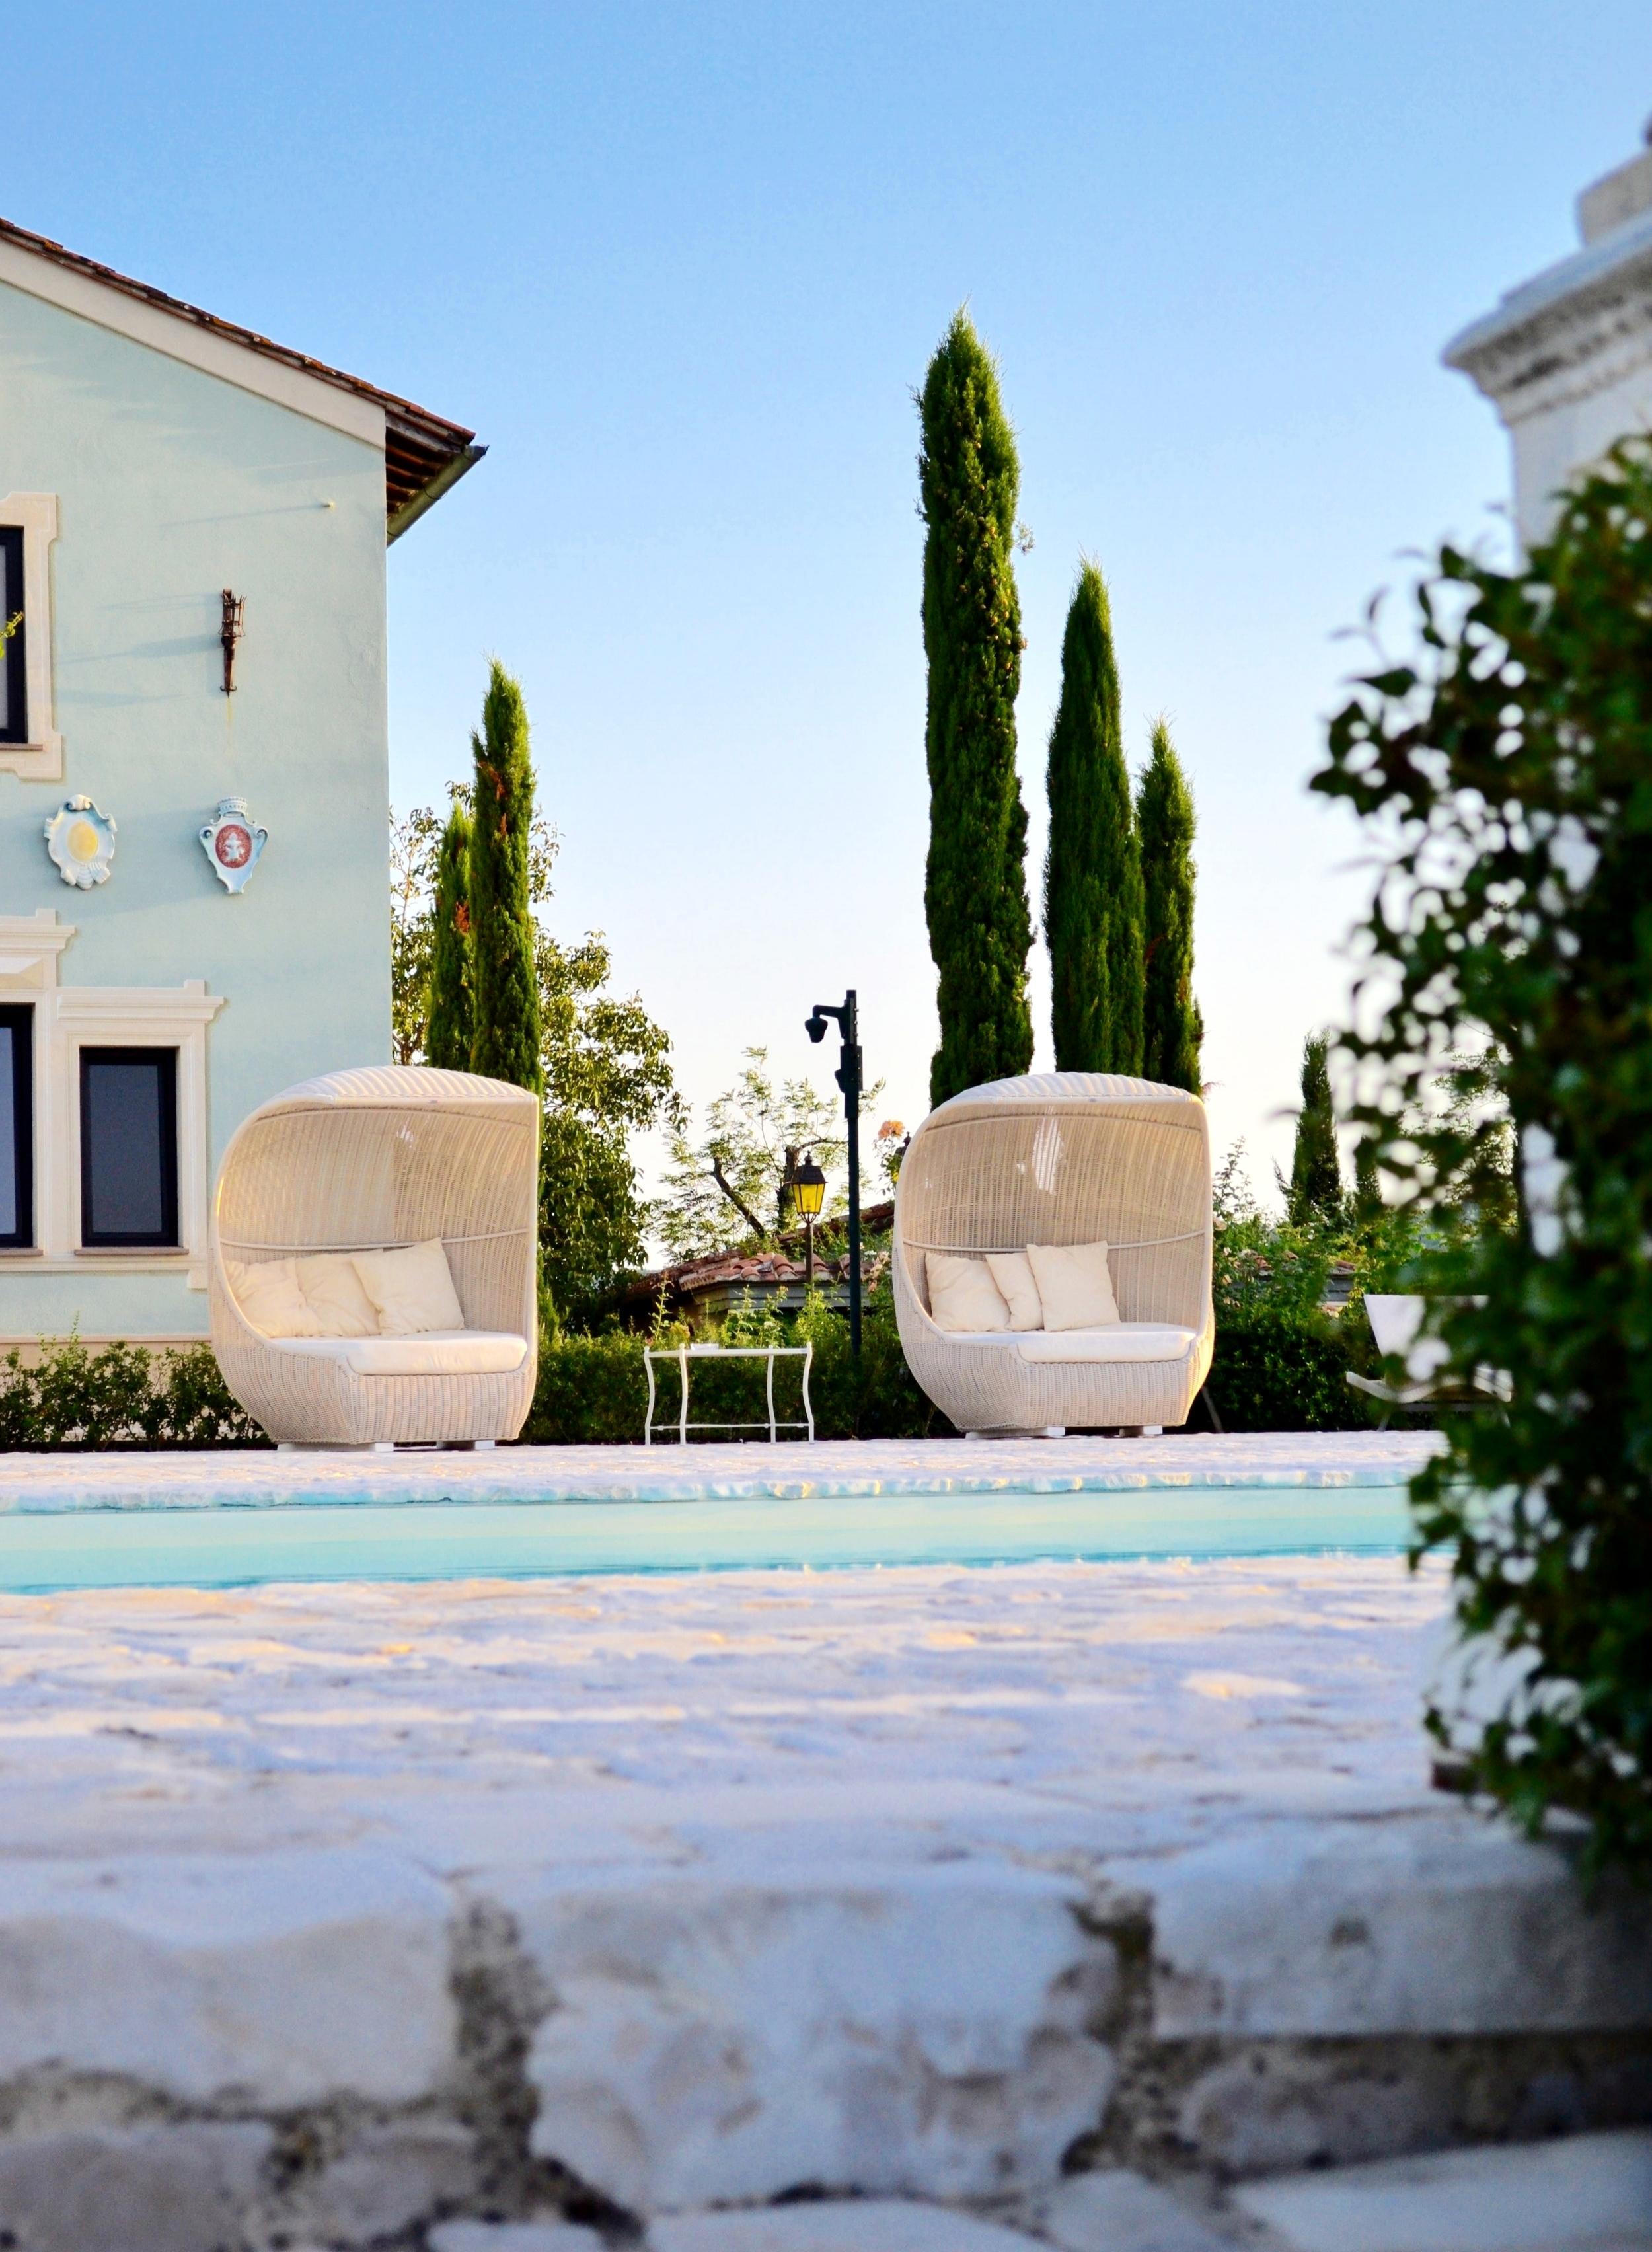 Tuscany Italy  Luxury Boutique Hotel